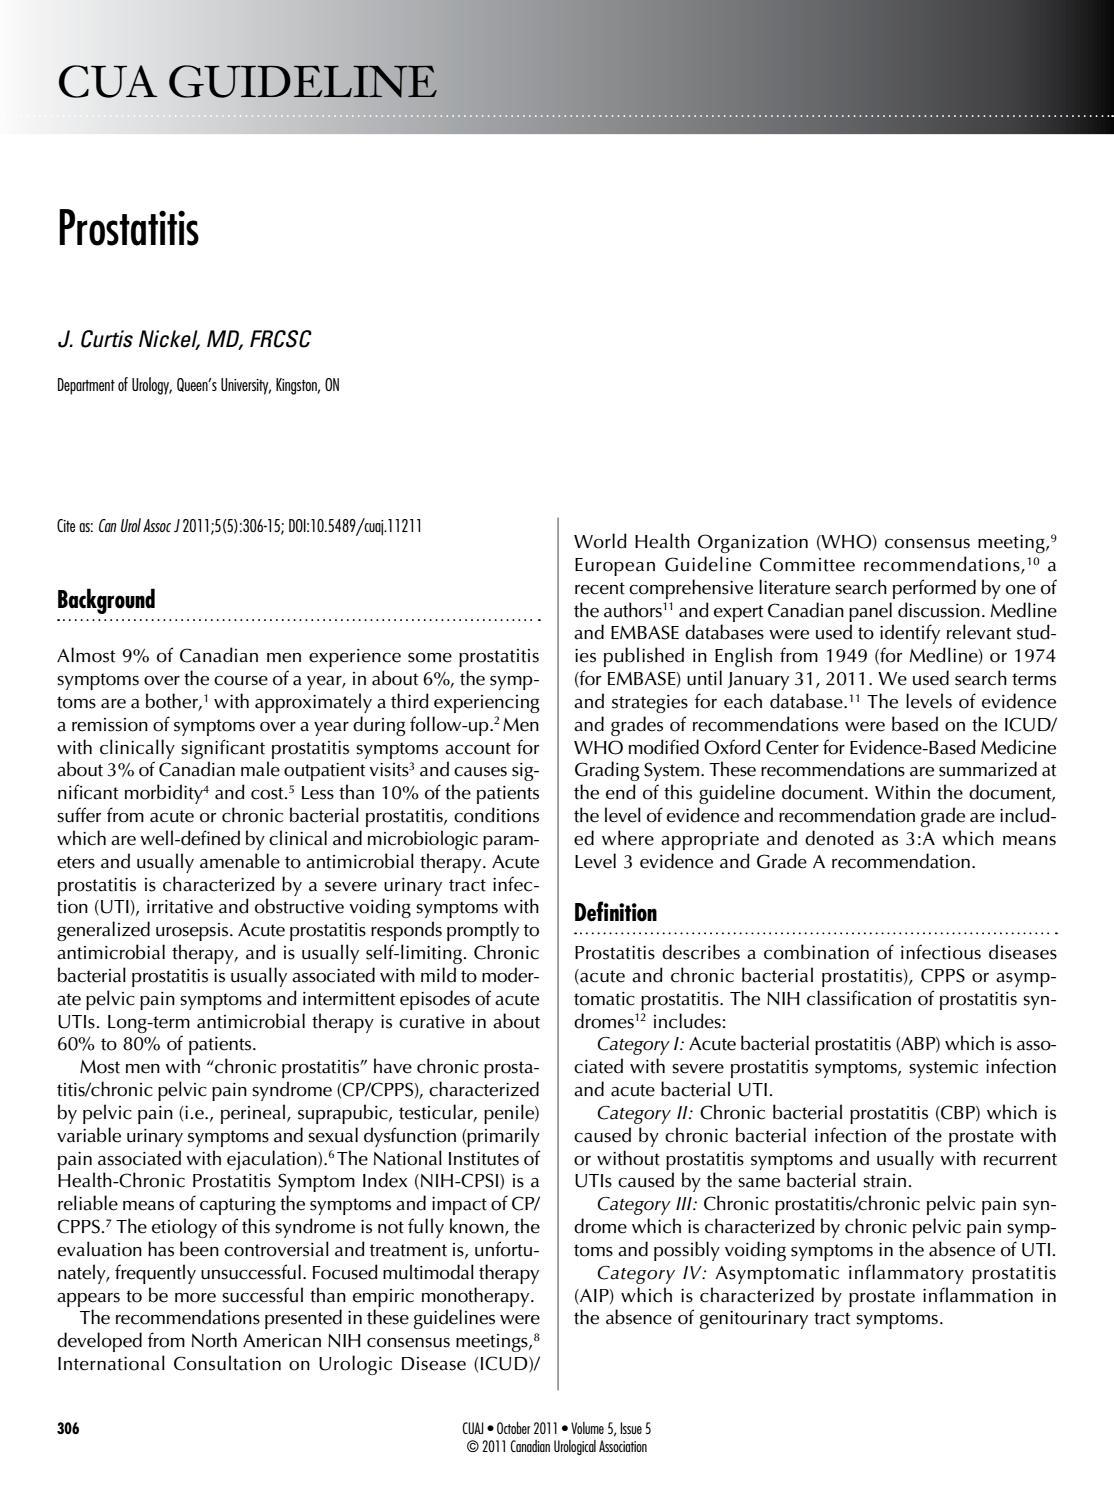 Nyálka a vizeletben krónikus prosztatagyulladás